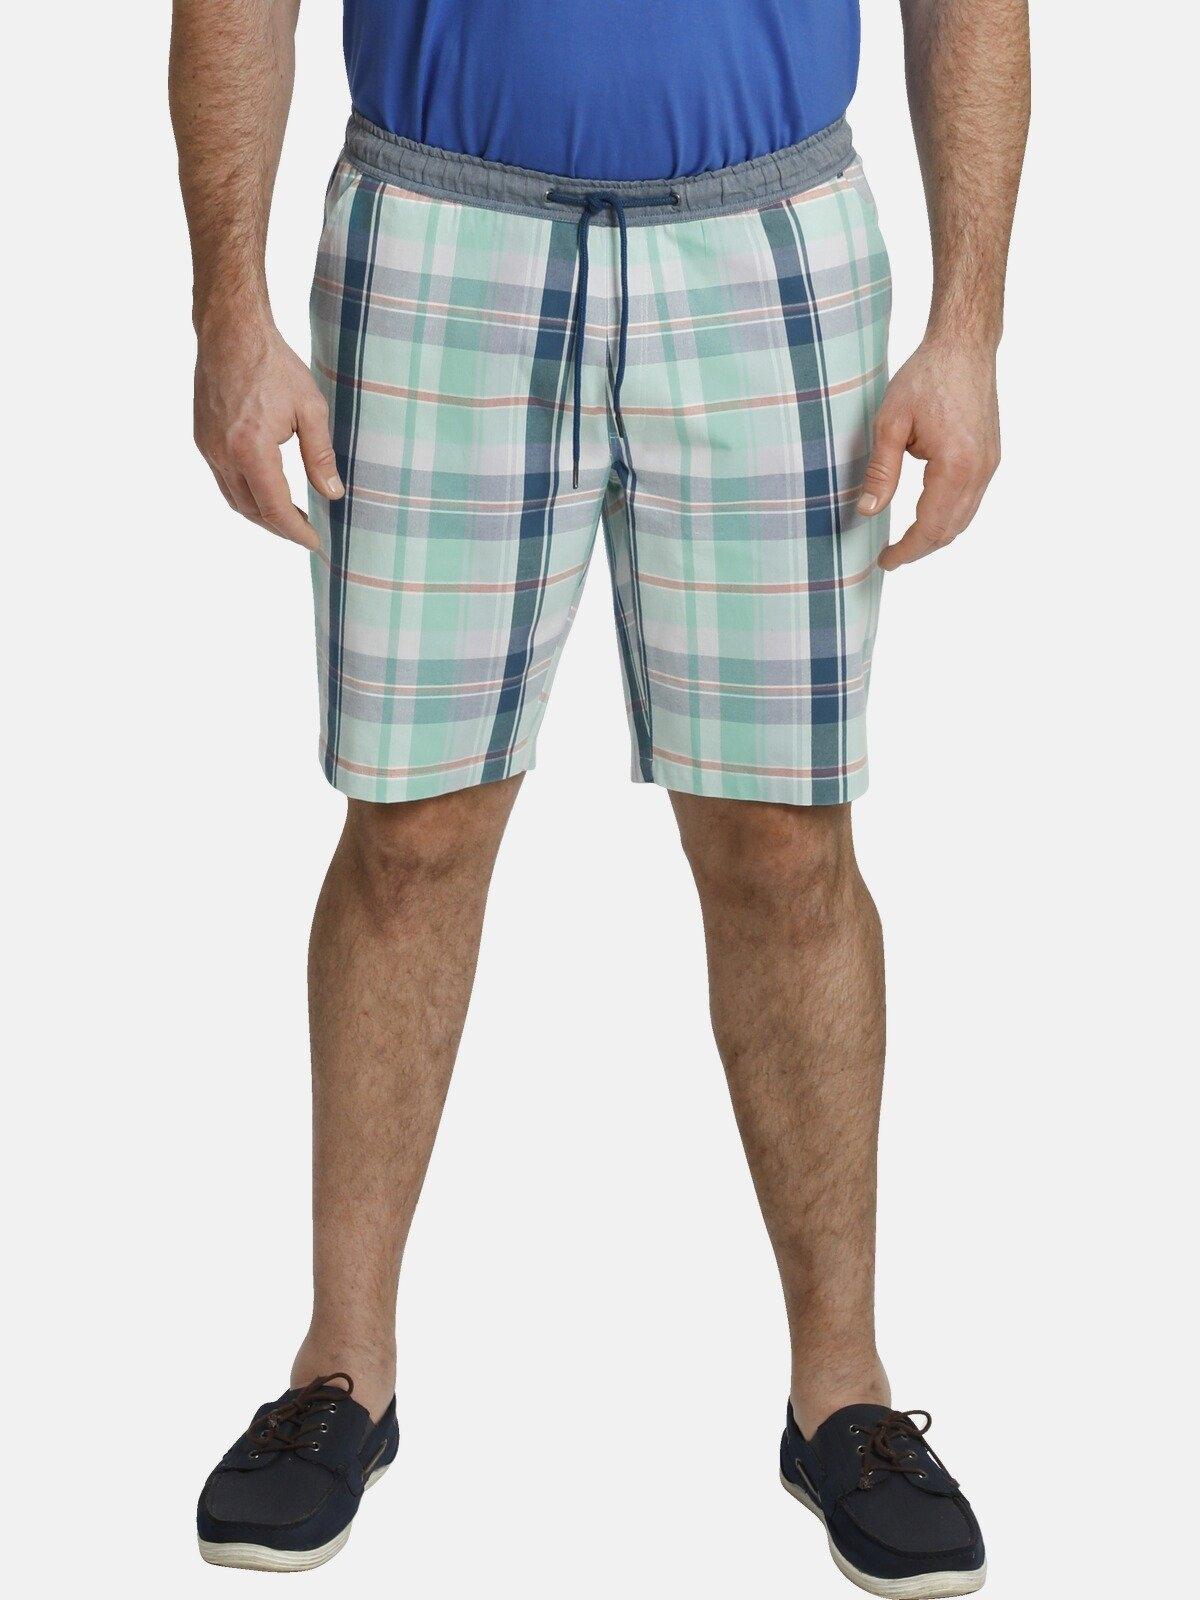 Charles Colby bermuda BARON SERVAN korte geruite broek, comfort fit voordelig en veilig online kopen